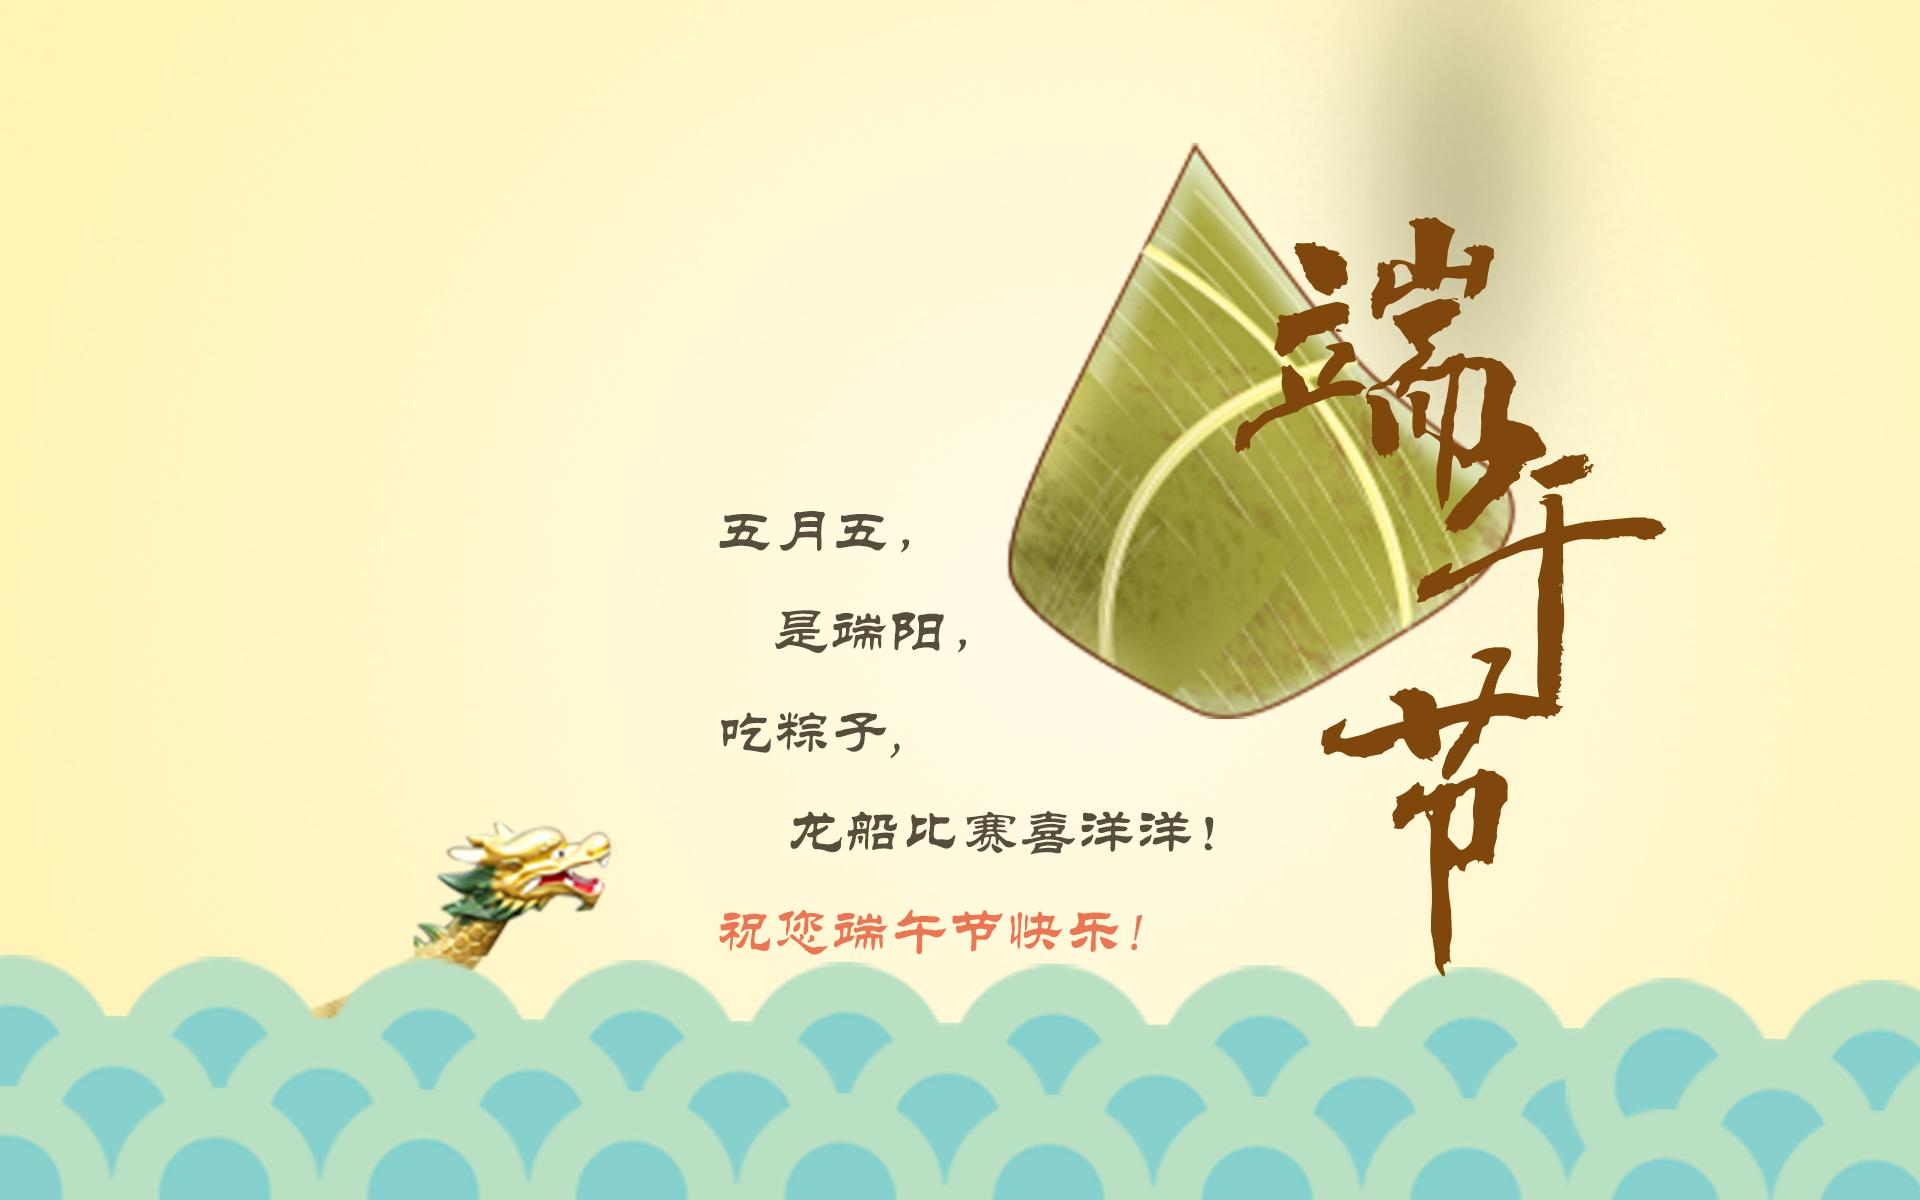 2017年端午节放假祝福语大全